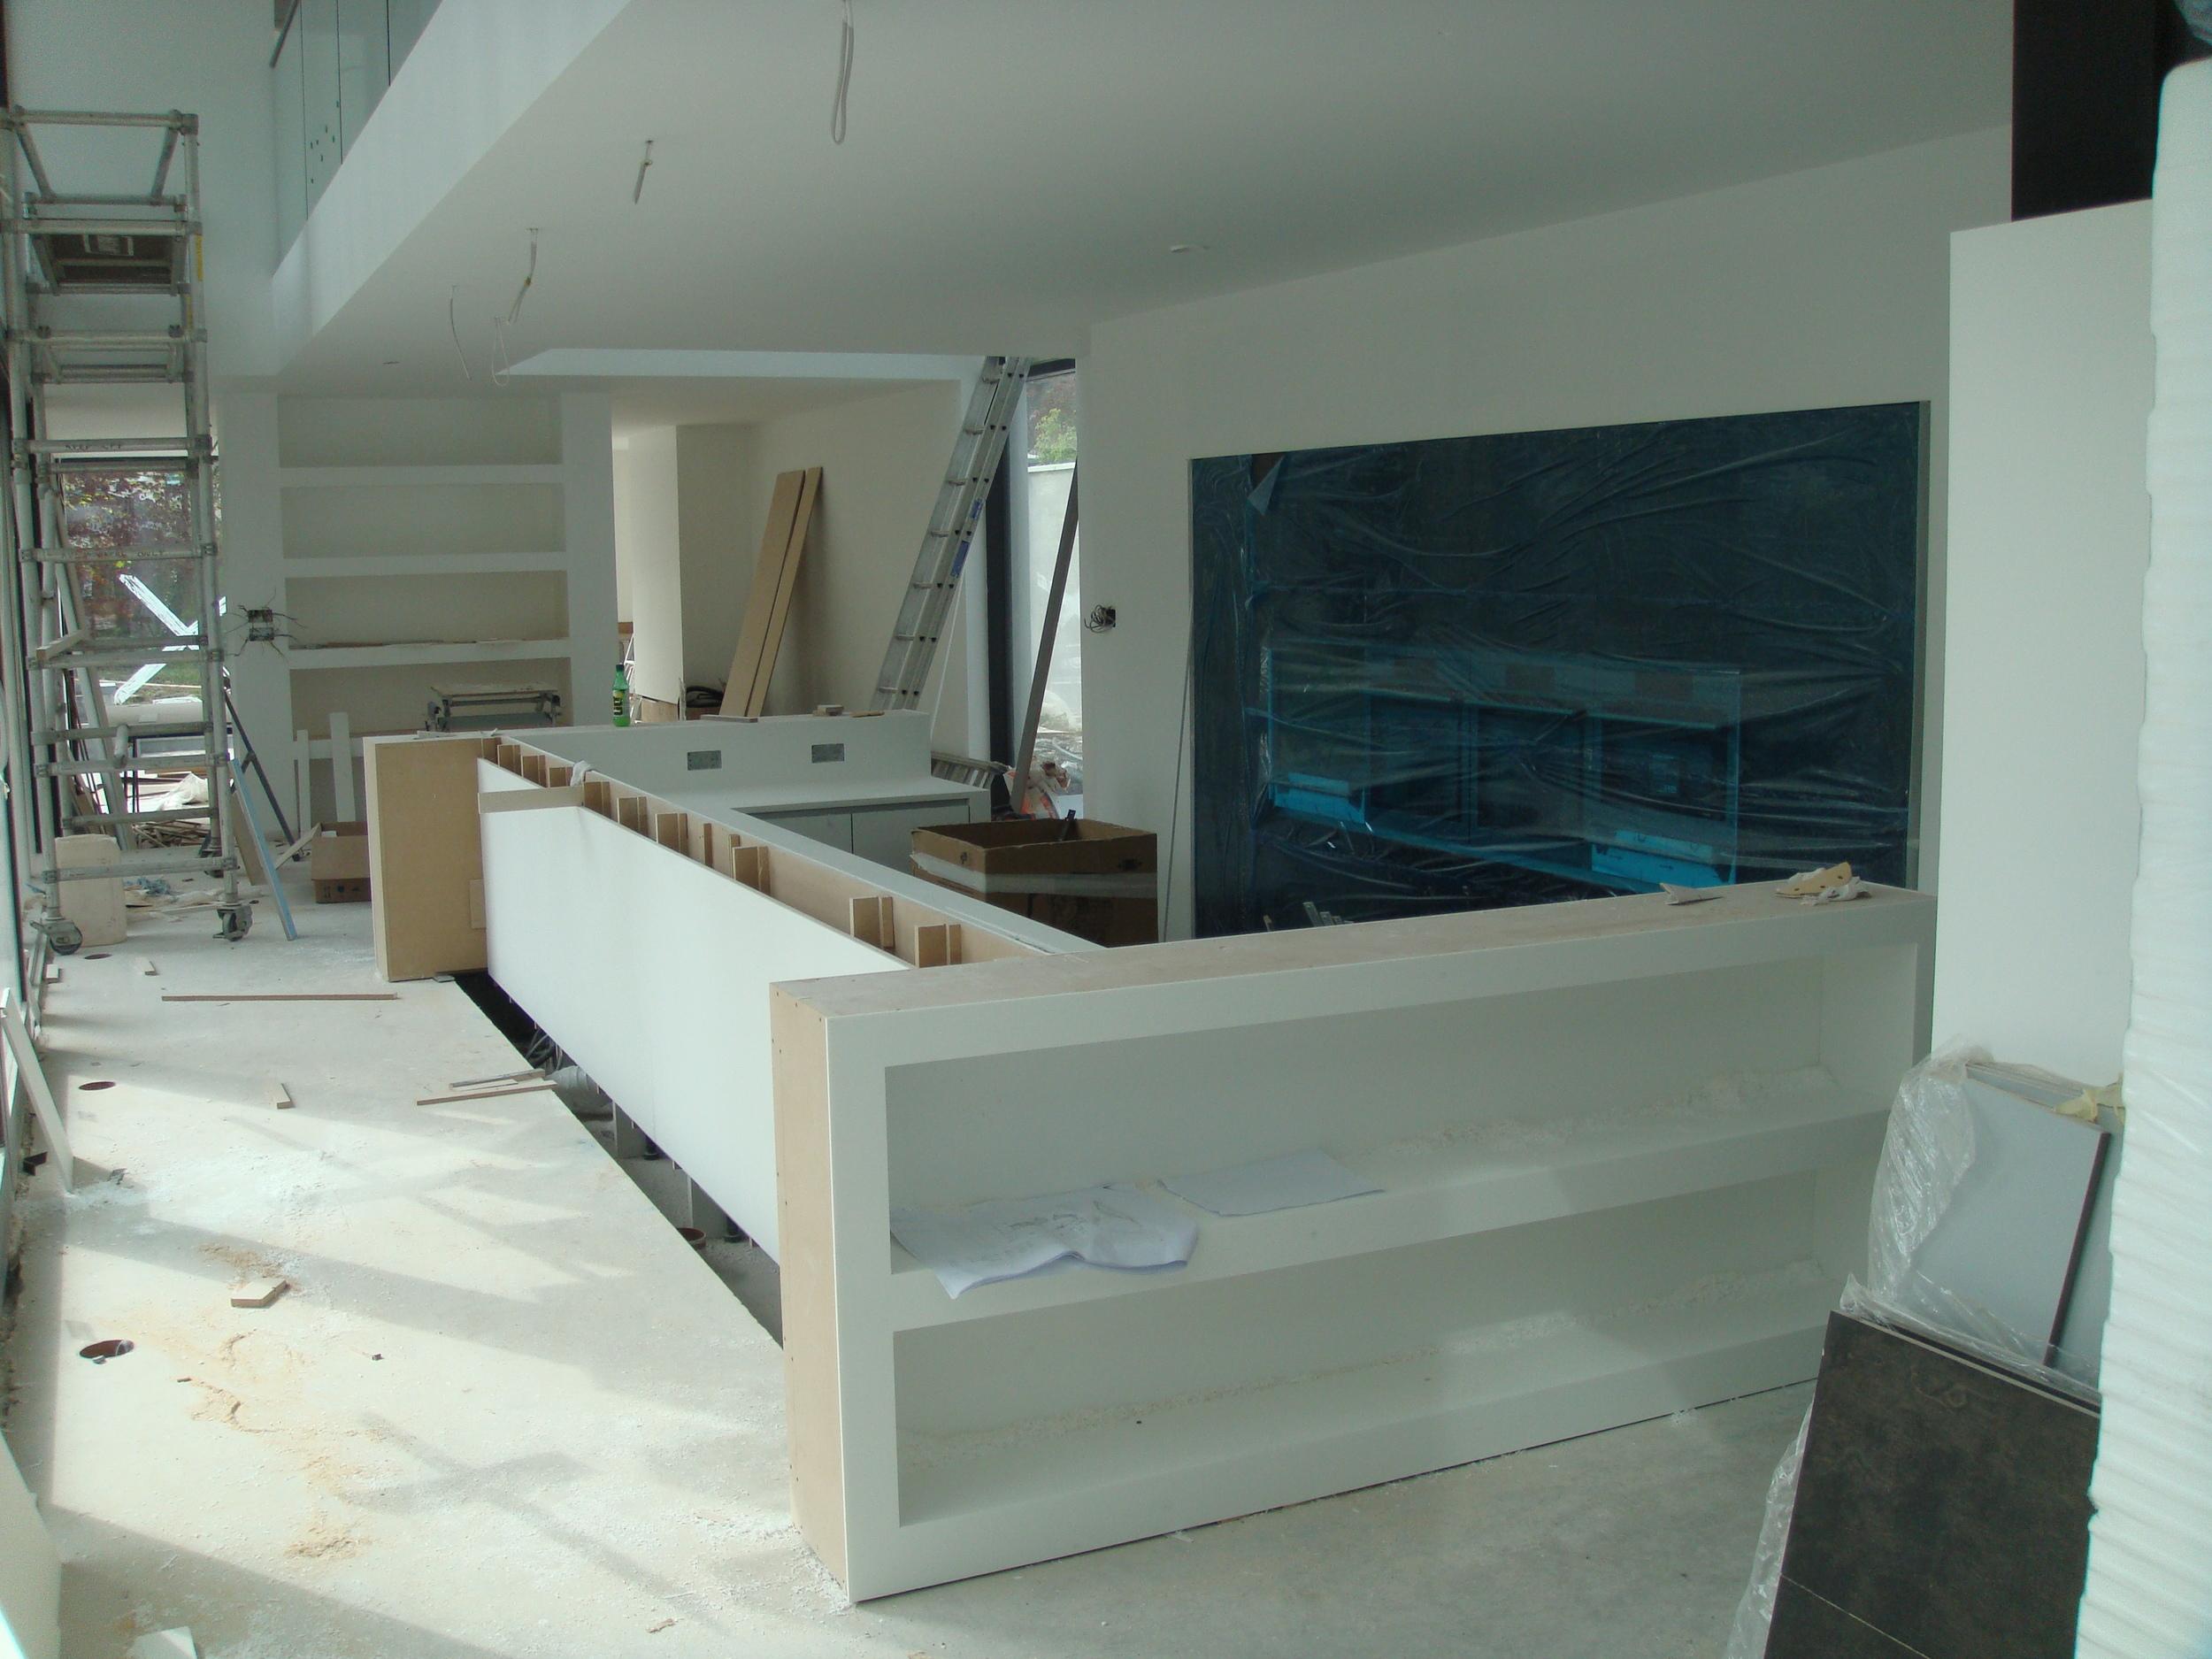 kitchen starting to take shape